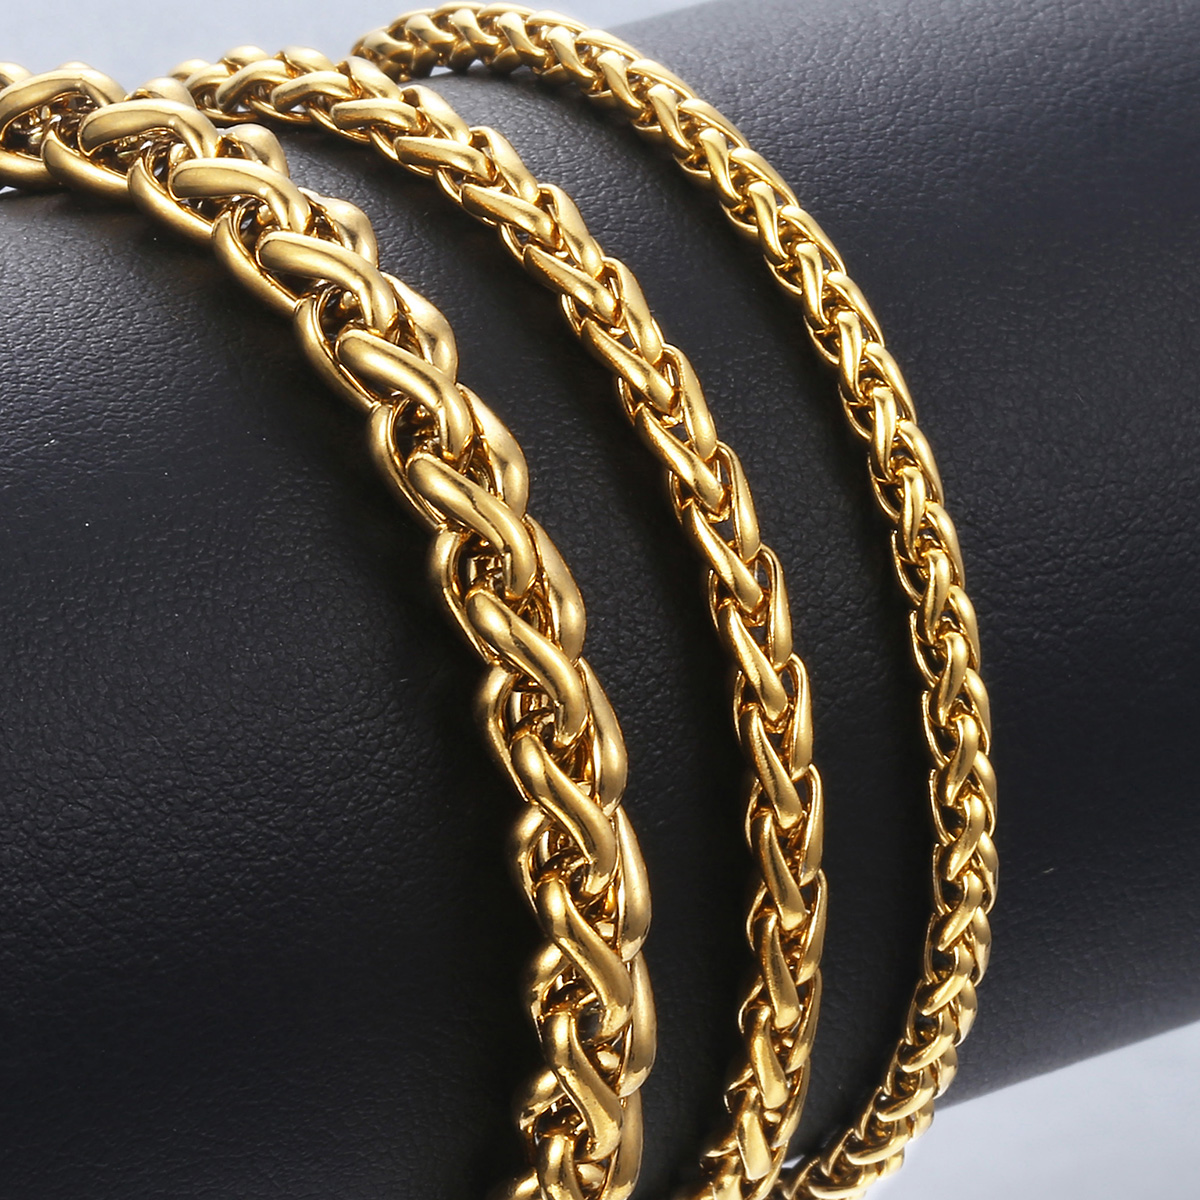 Unique Men's Stainless Steel Gold Bracelet